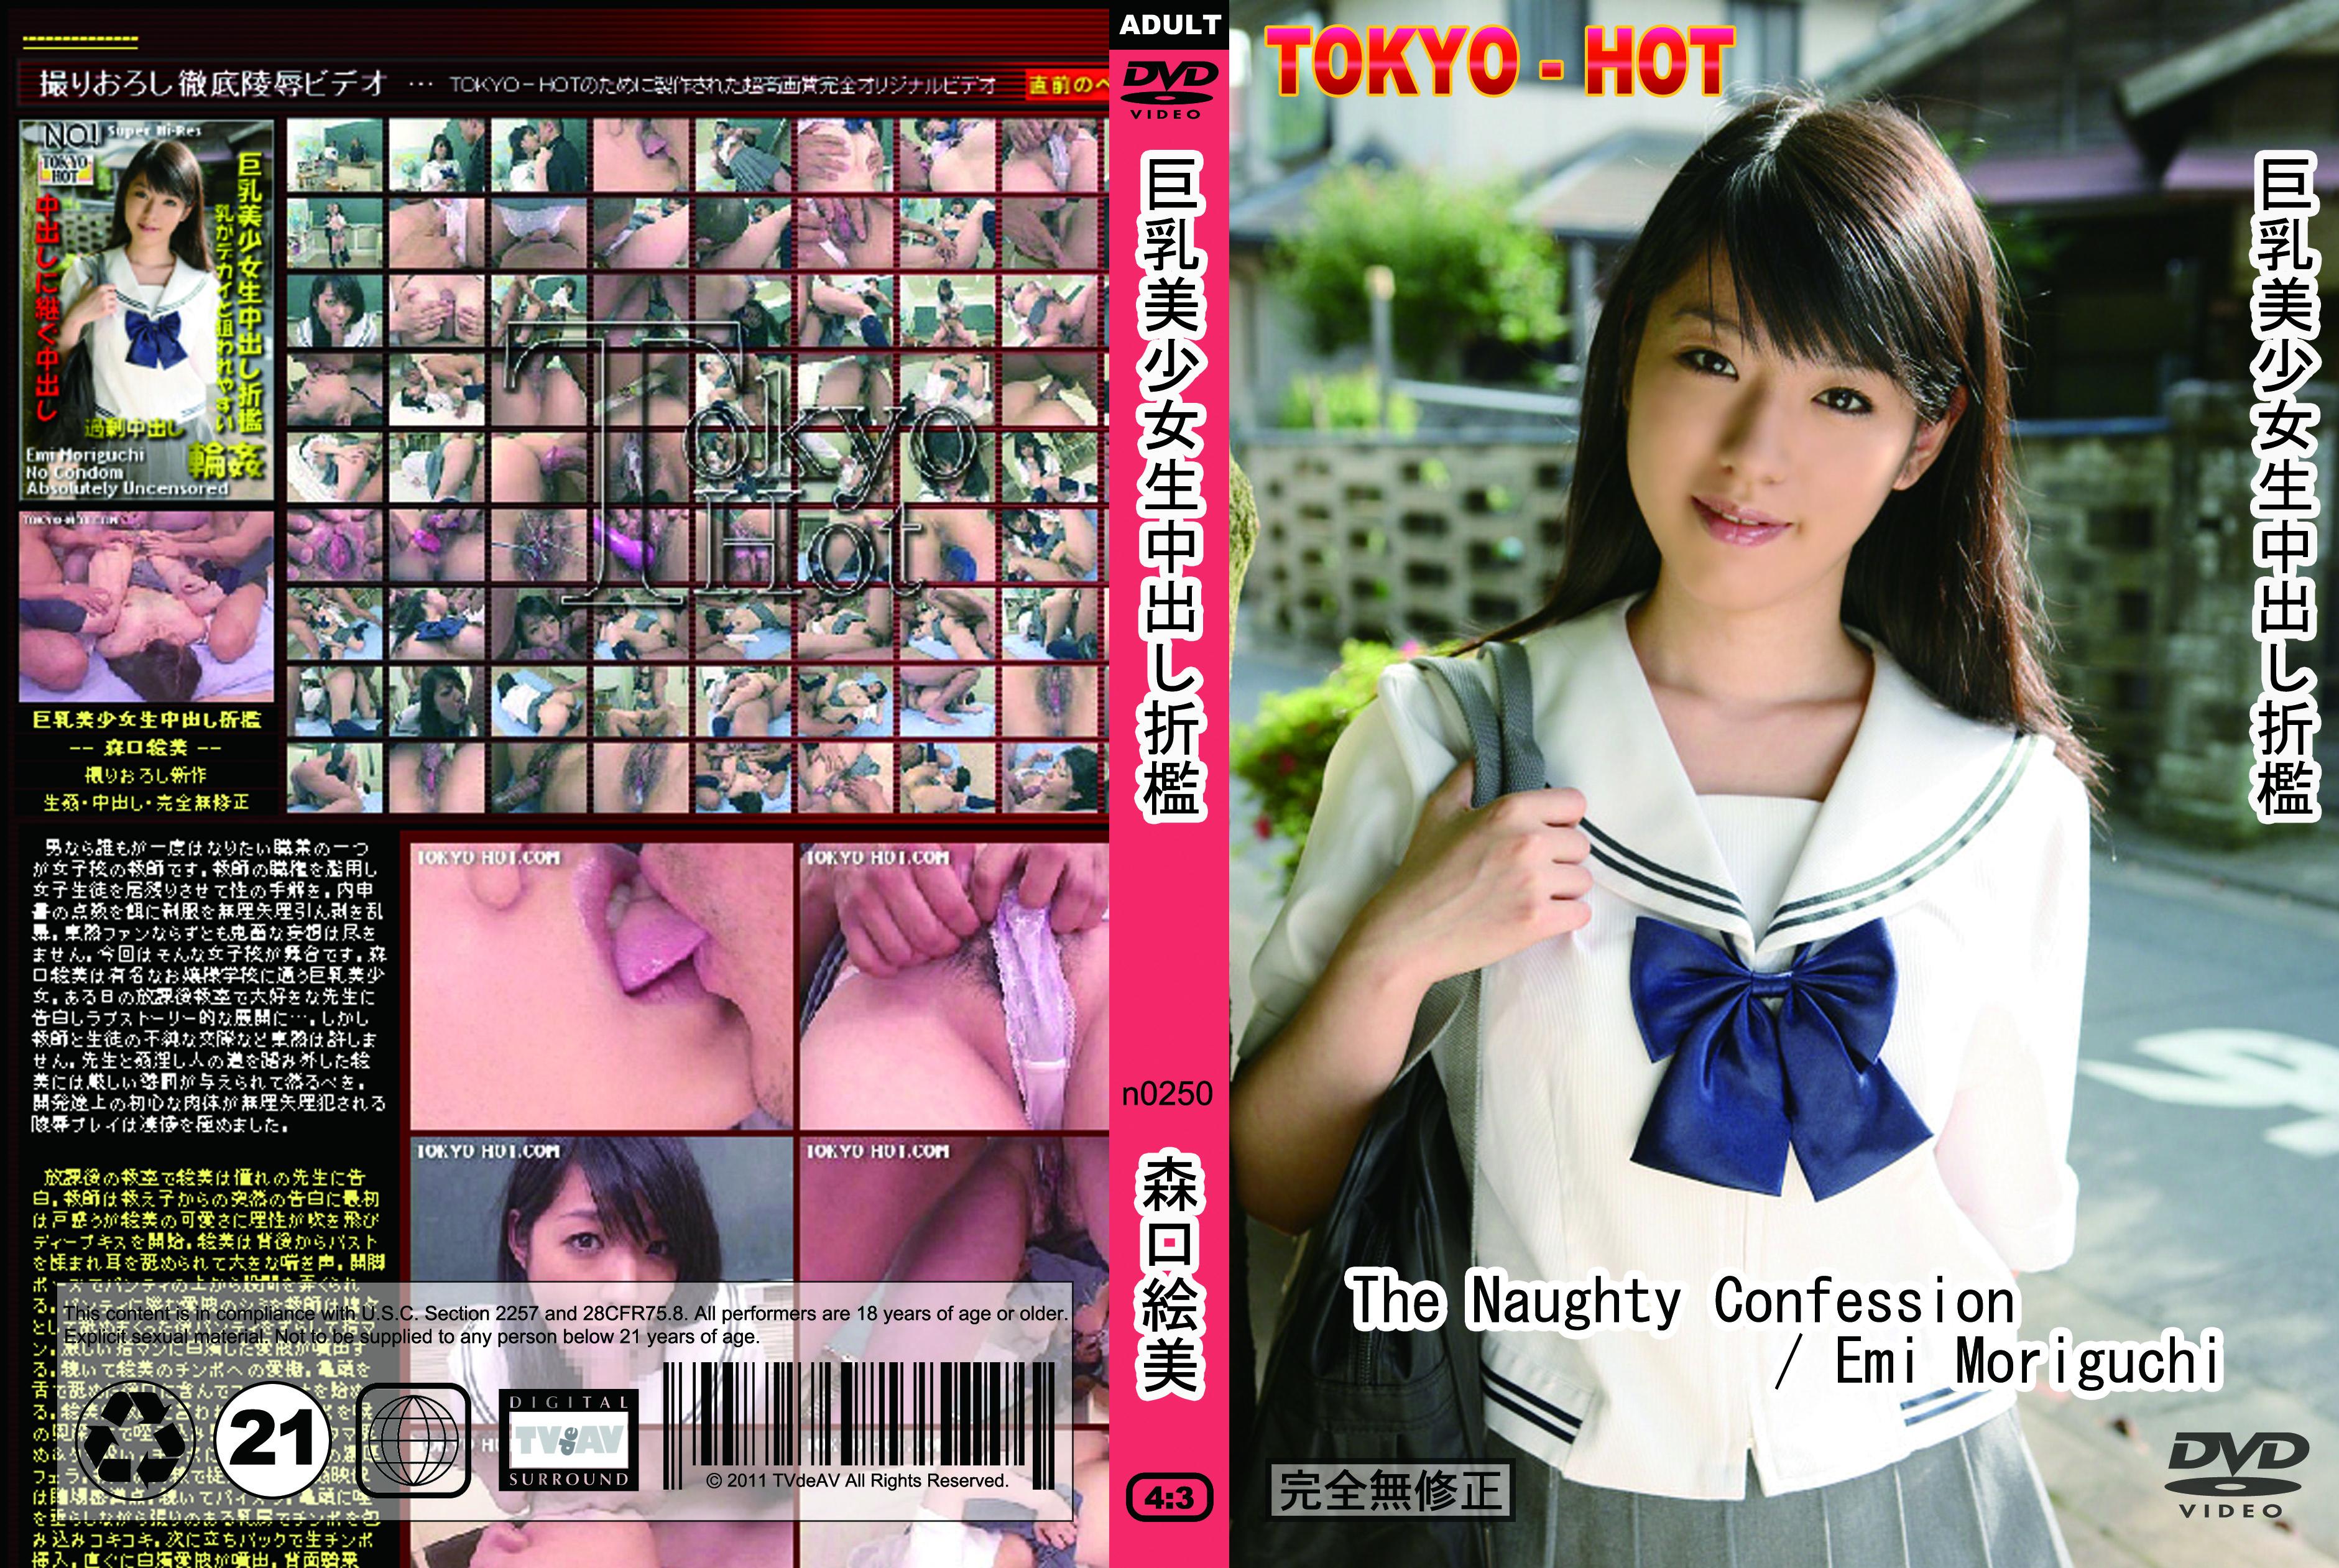 tokyo_hot森口絵美 http://my.cdn.tokyo-hot.com/media/samples/5247.mp4